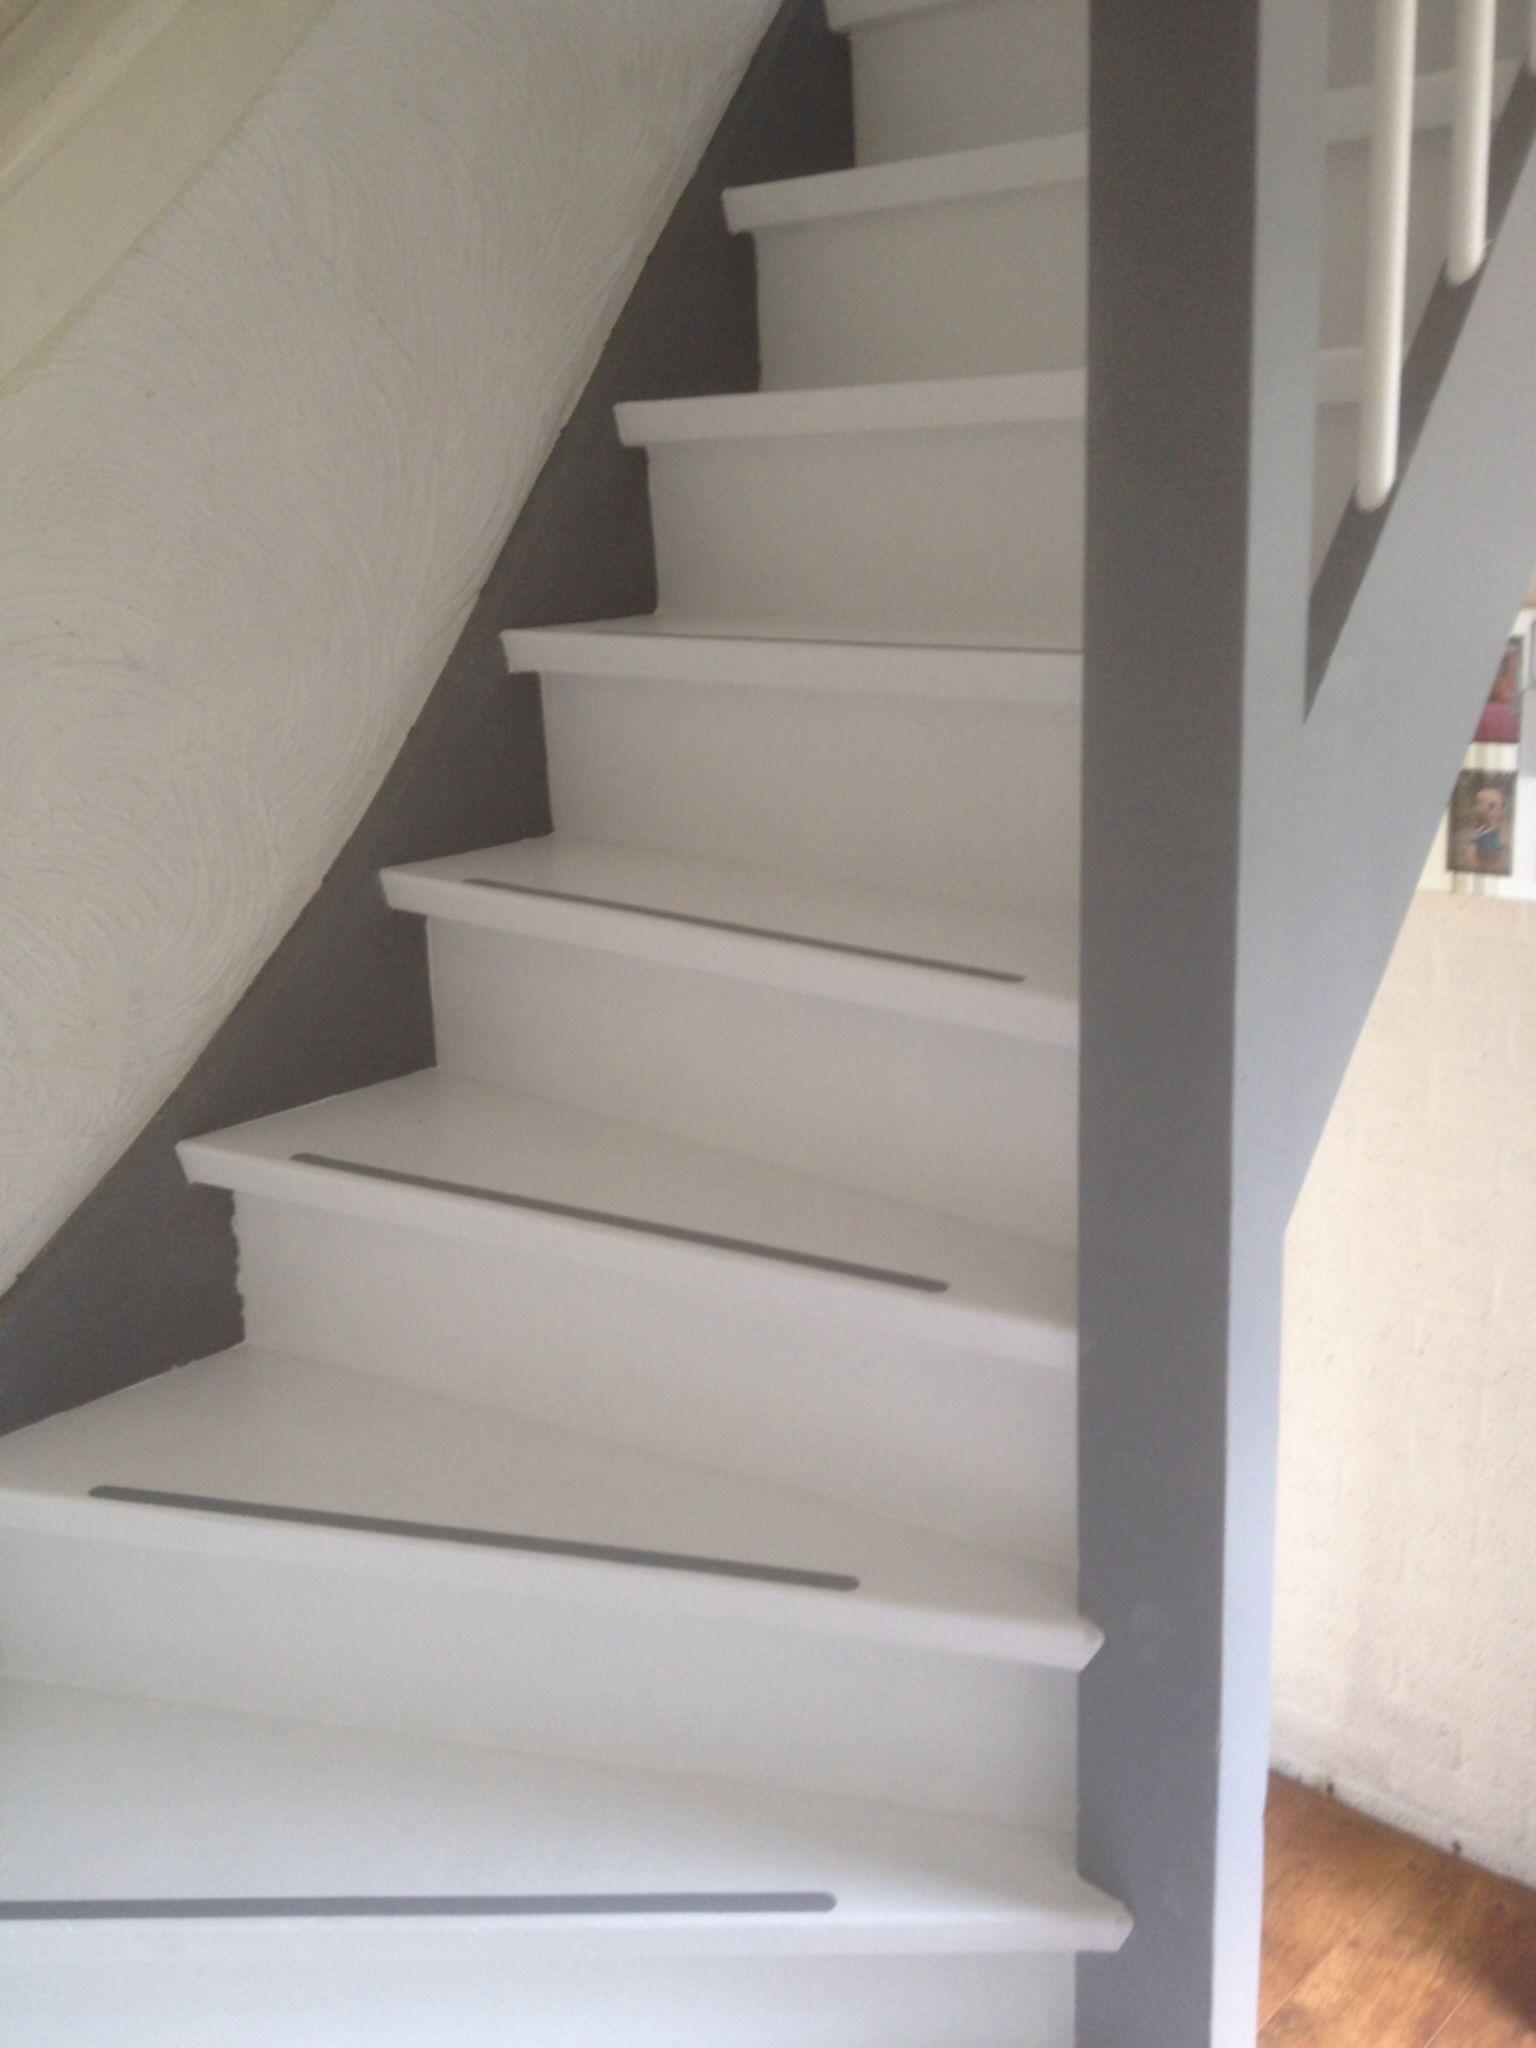 Fabulous Trap dichtmaken met kastje eronder | voordemakers.nl LD03